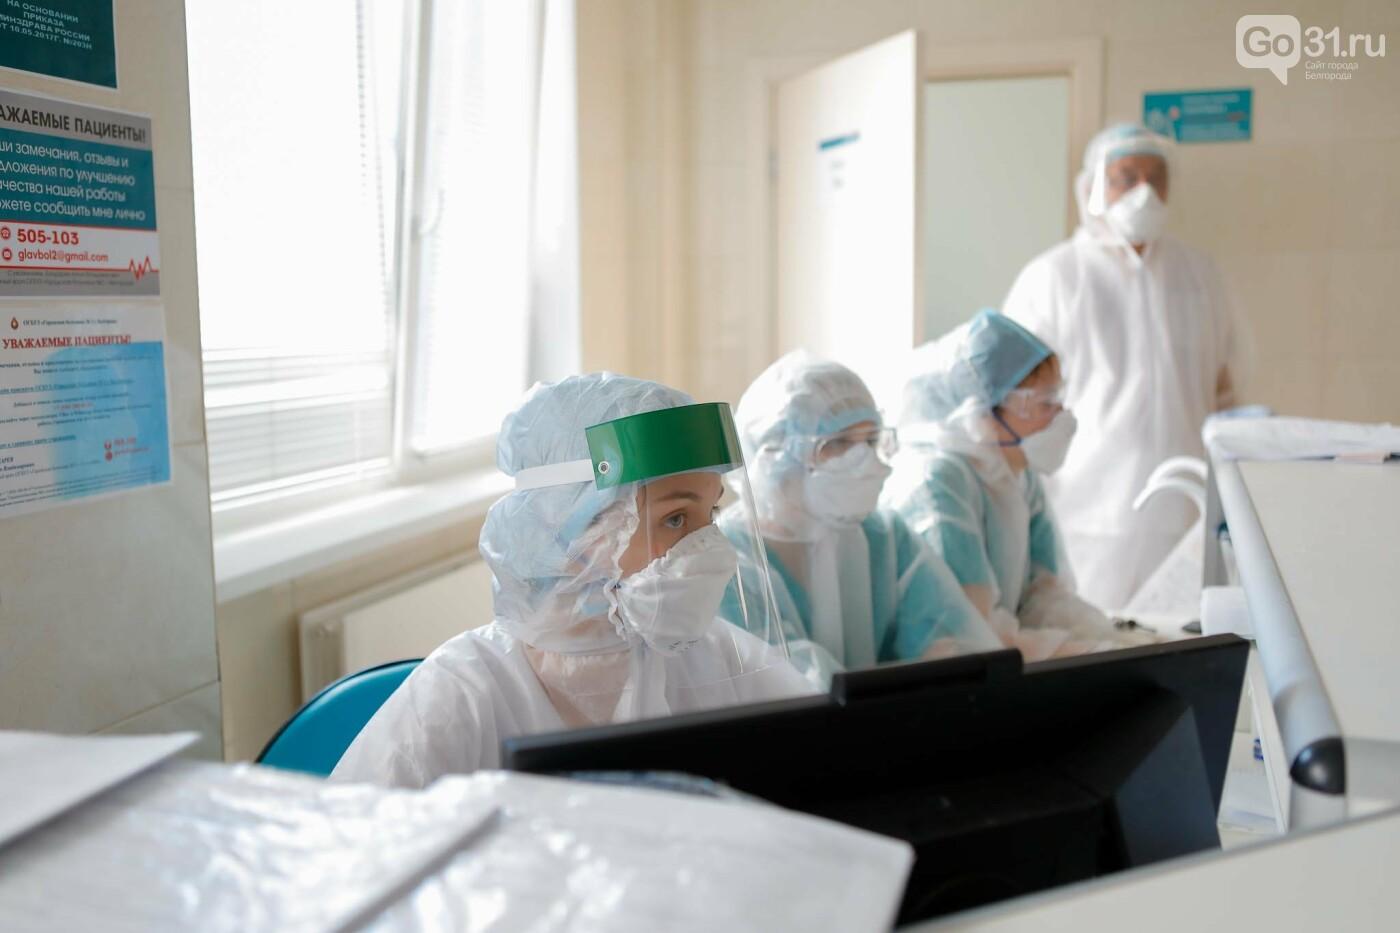 Что происходит в ковид-госпитале Белгорода. Фоторепортаж из «красной» зоны, фото-59, Фото: Антон Вергун